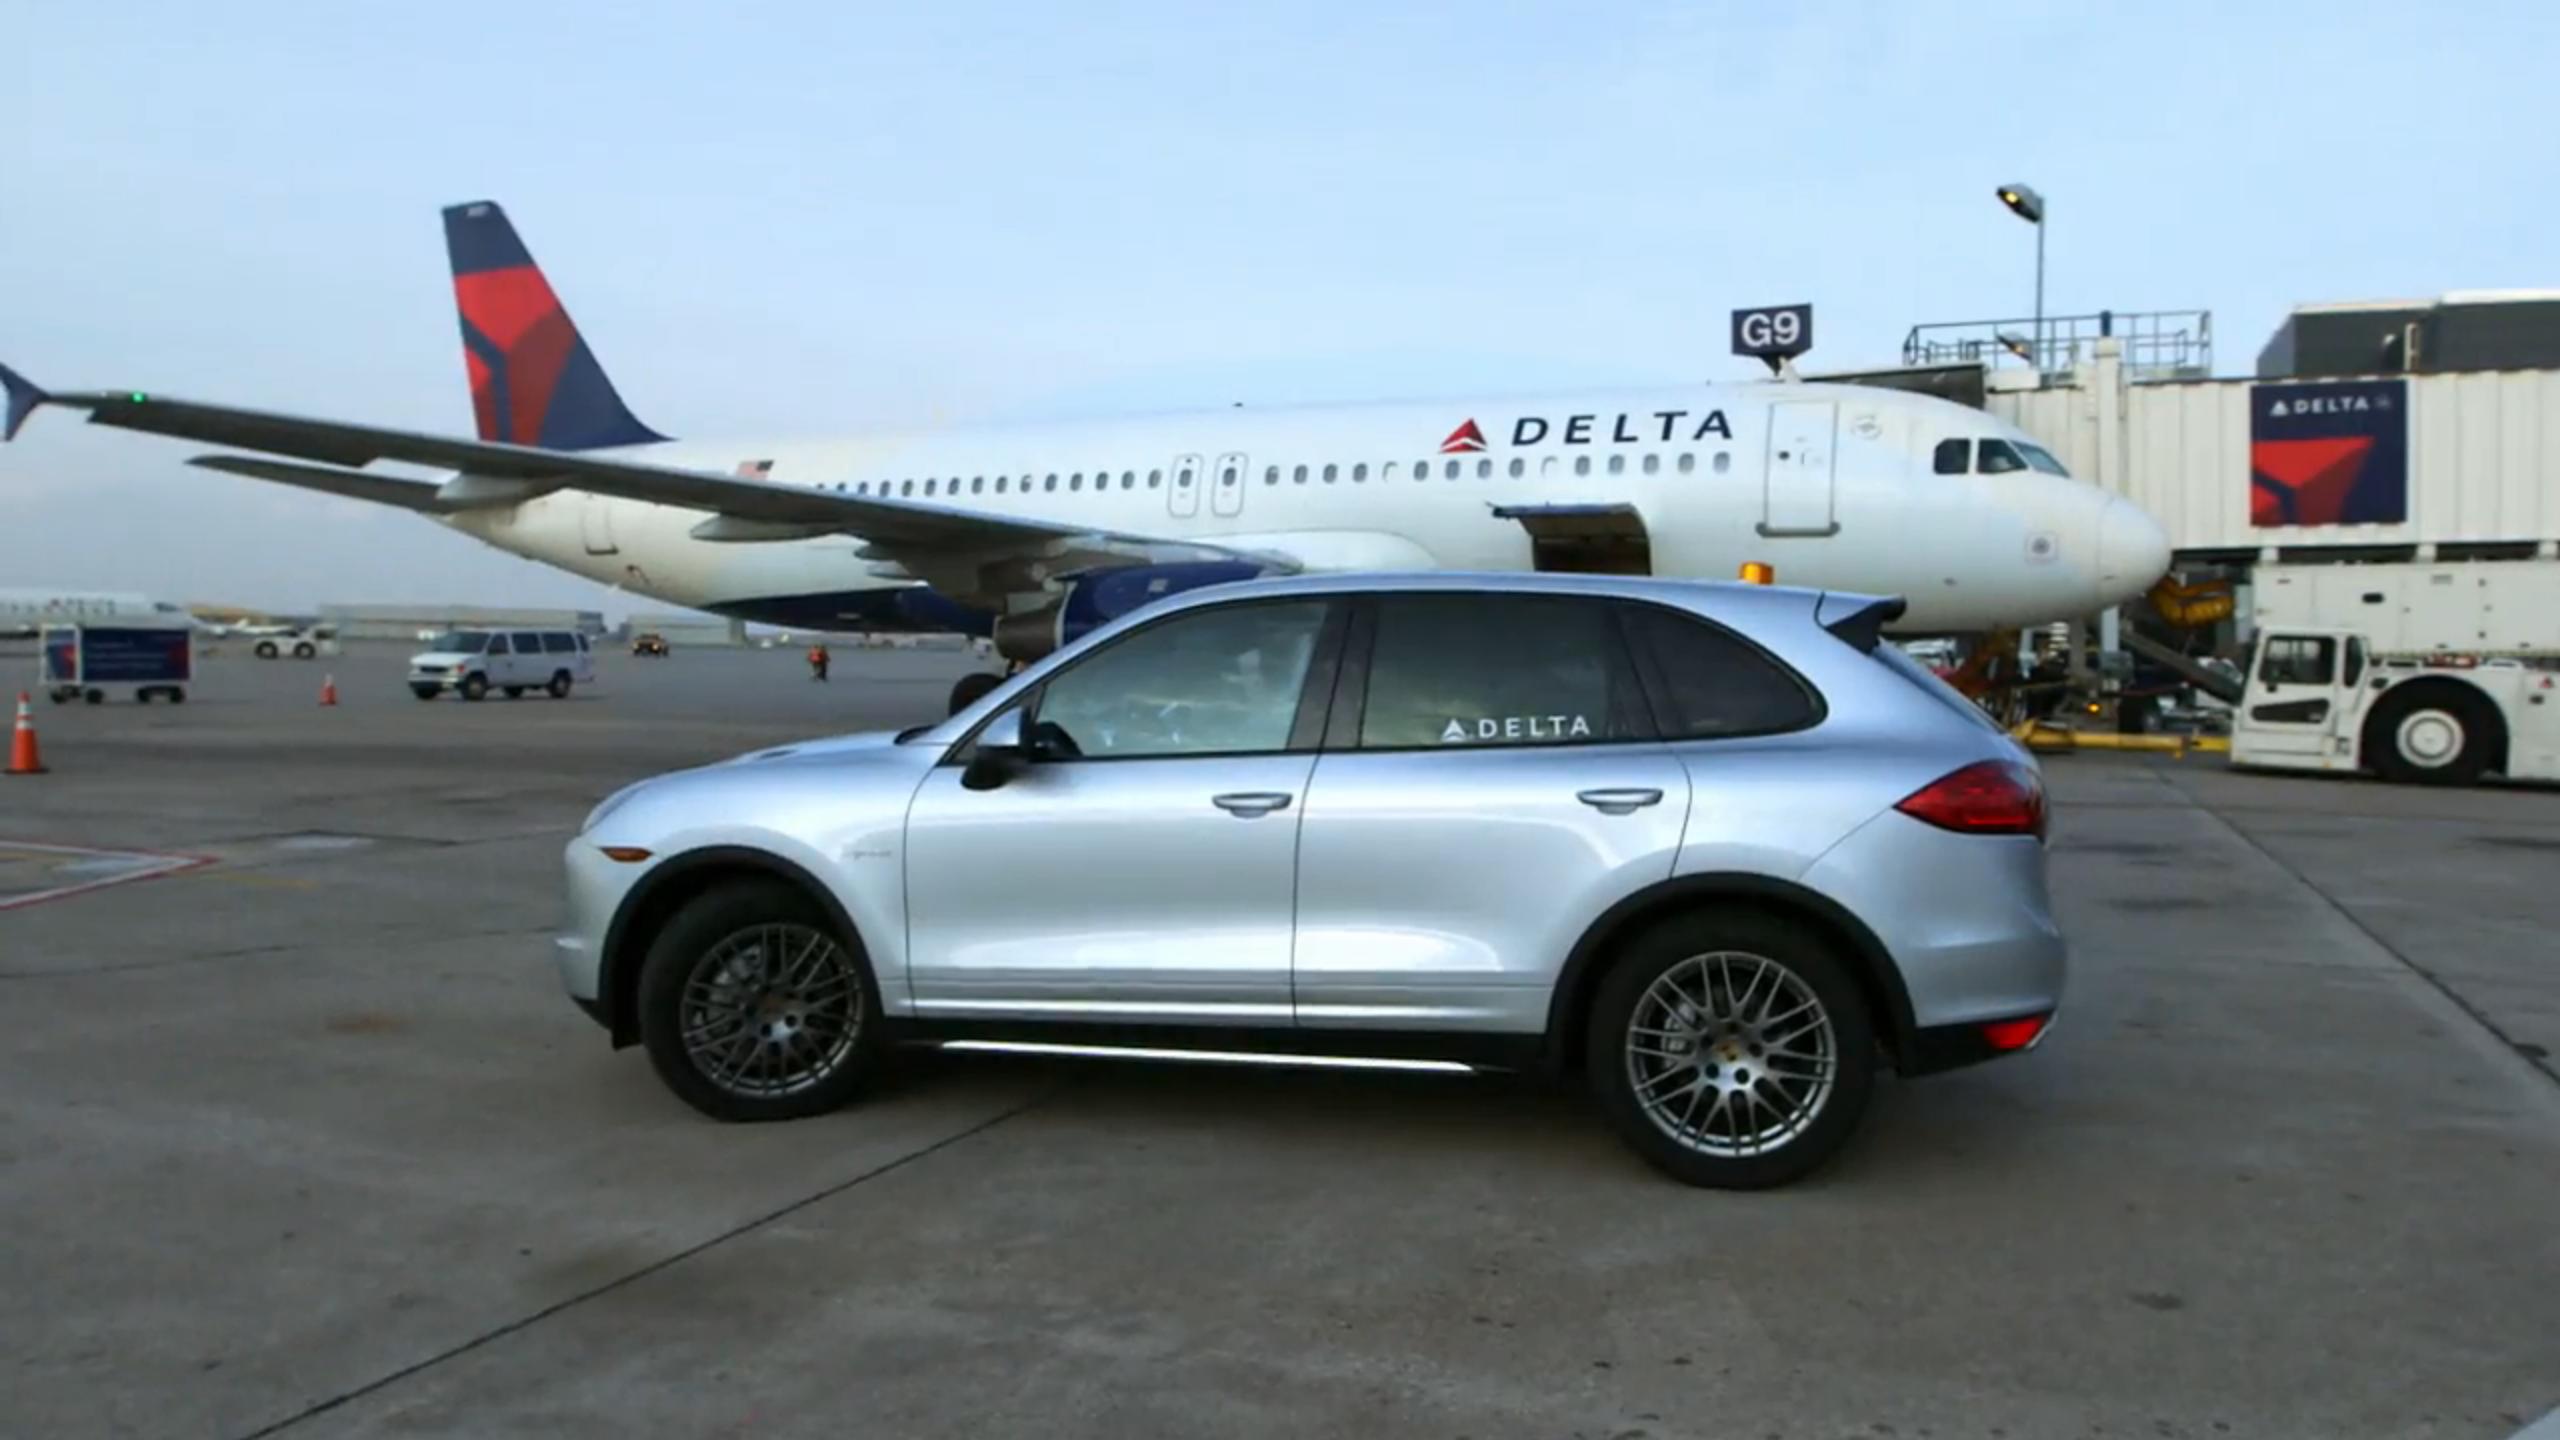 Three questions about Delta-Porsche partnership | Delta News Hub